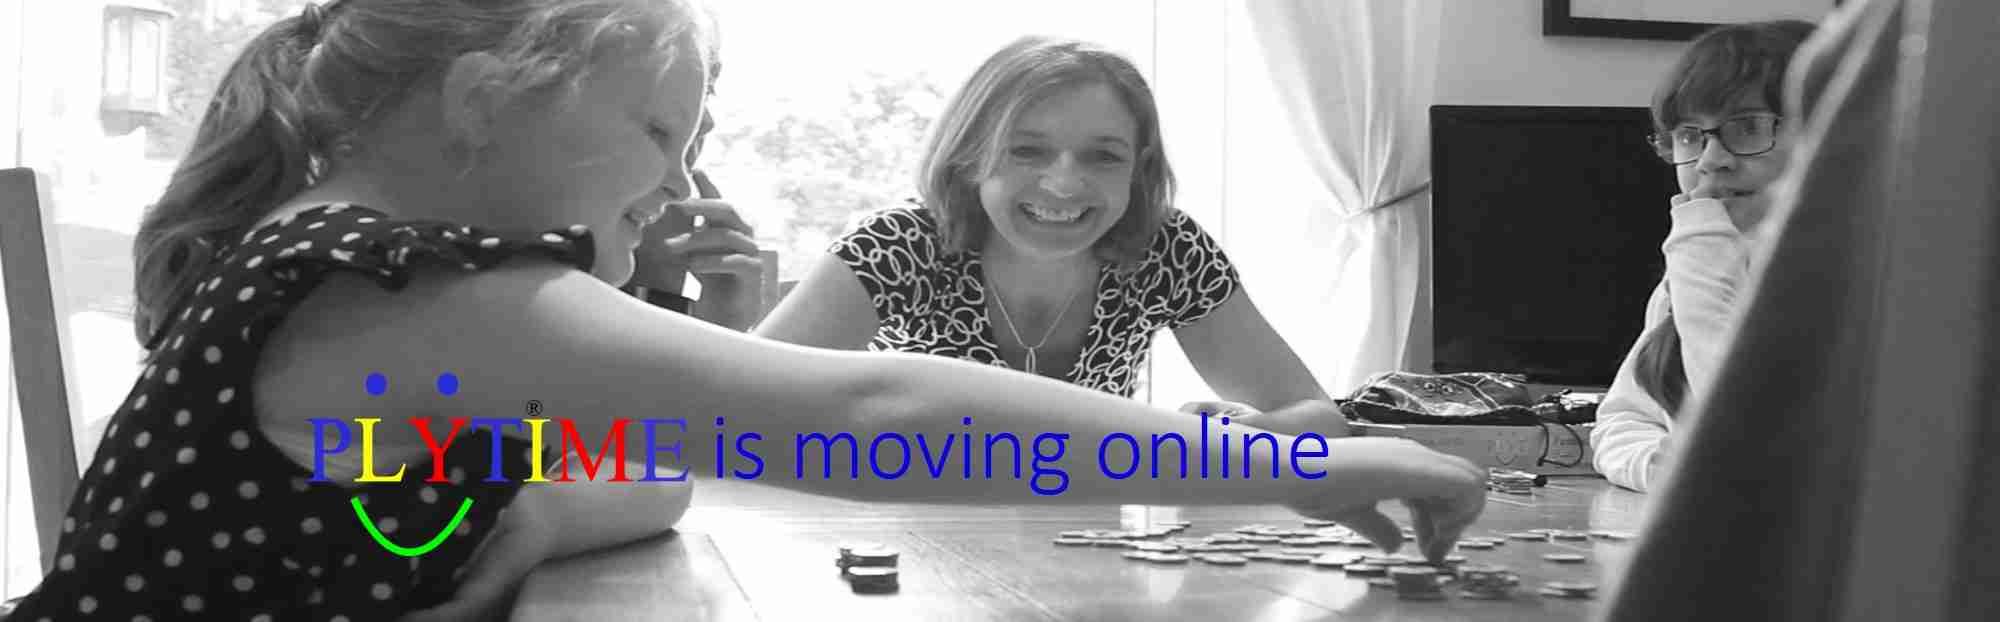 PLYTIME online header